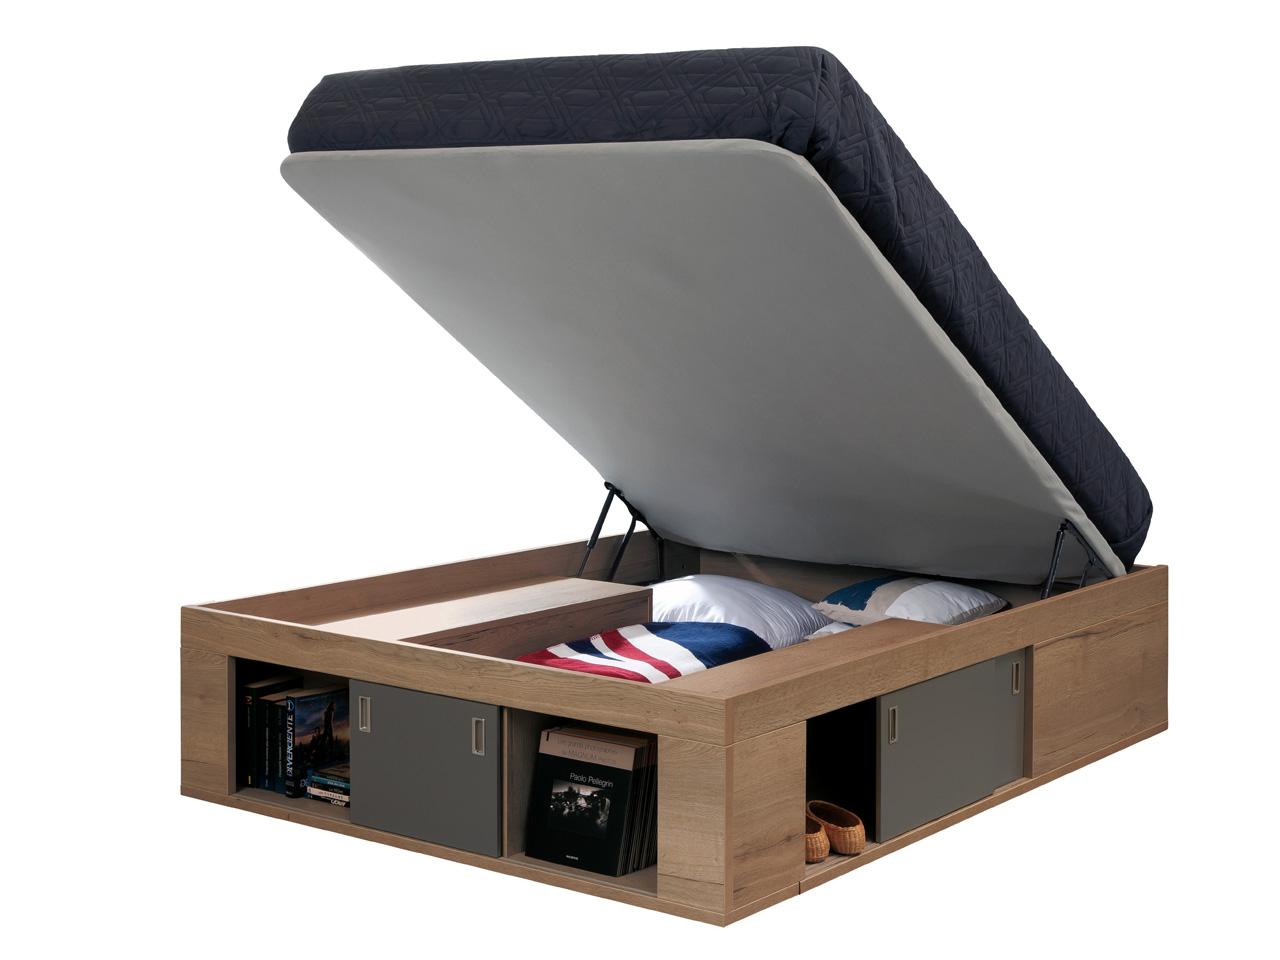 coffre de lit zodiaque avec sommier relevable ch ne tabac. Black Bedroom Furniture Sets. Home Design Ideas